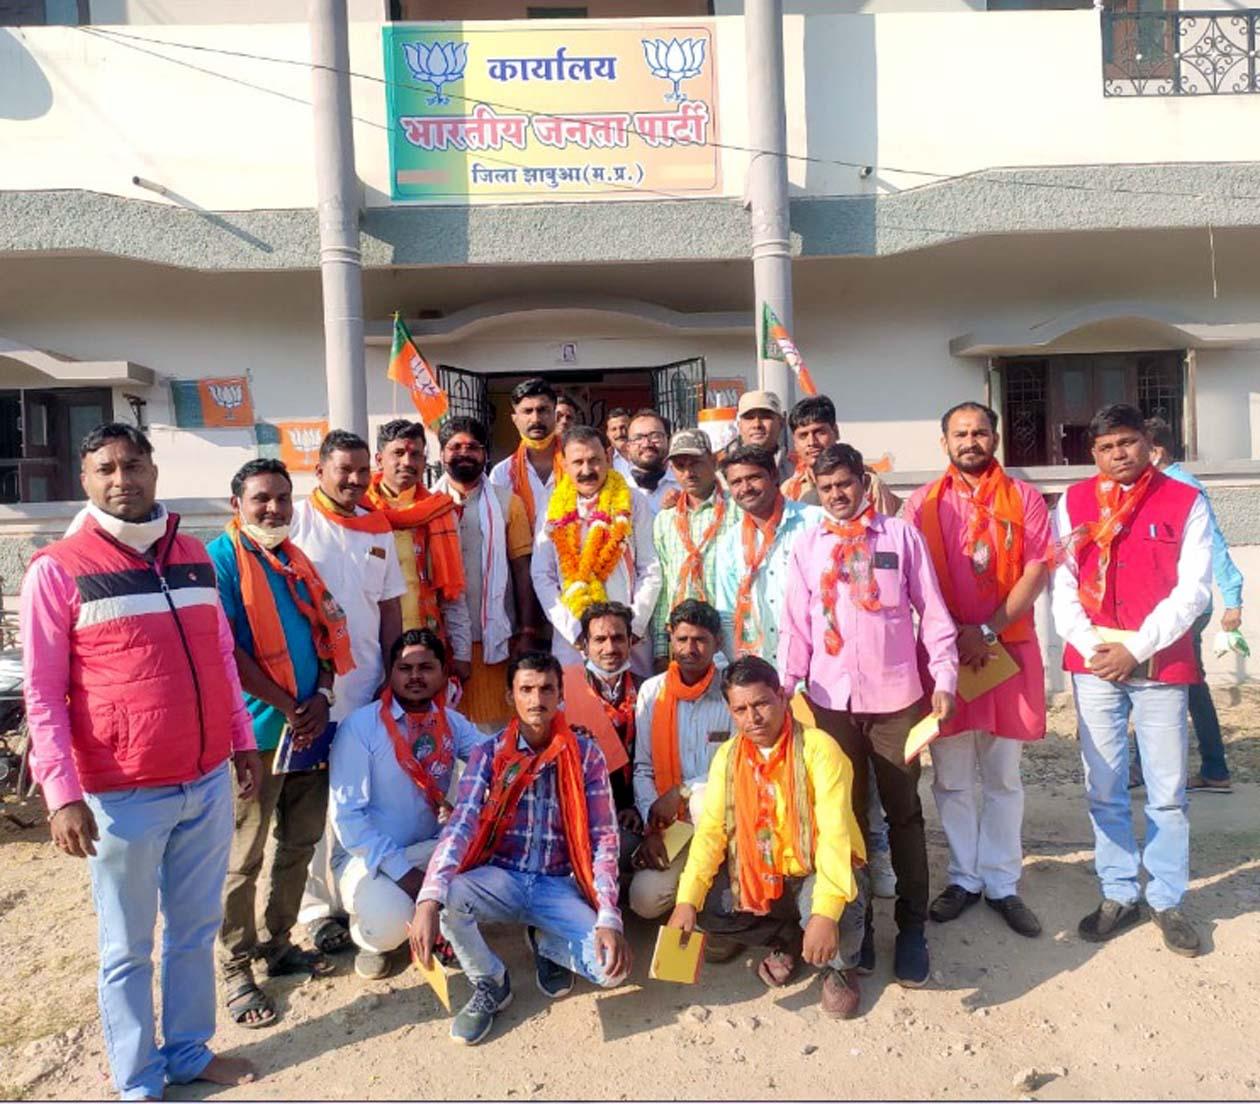 Jhabua News-  भाजपा से सभी नवीन मंडल अध्यक्षों ने भाजपा जिलाध्यक्ष लक्ष्मणसिंह नायक का किया आत्मीय स्वागत